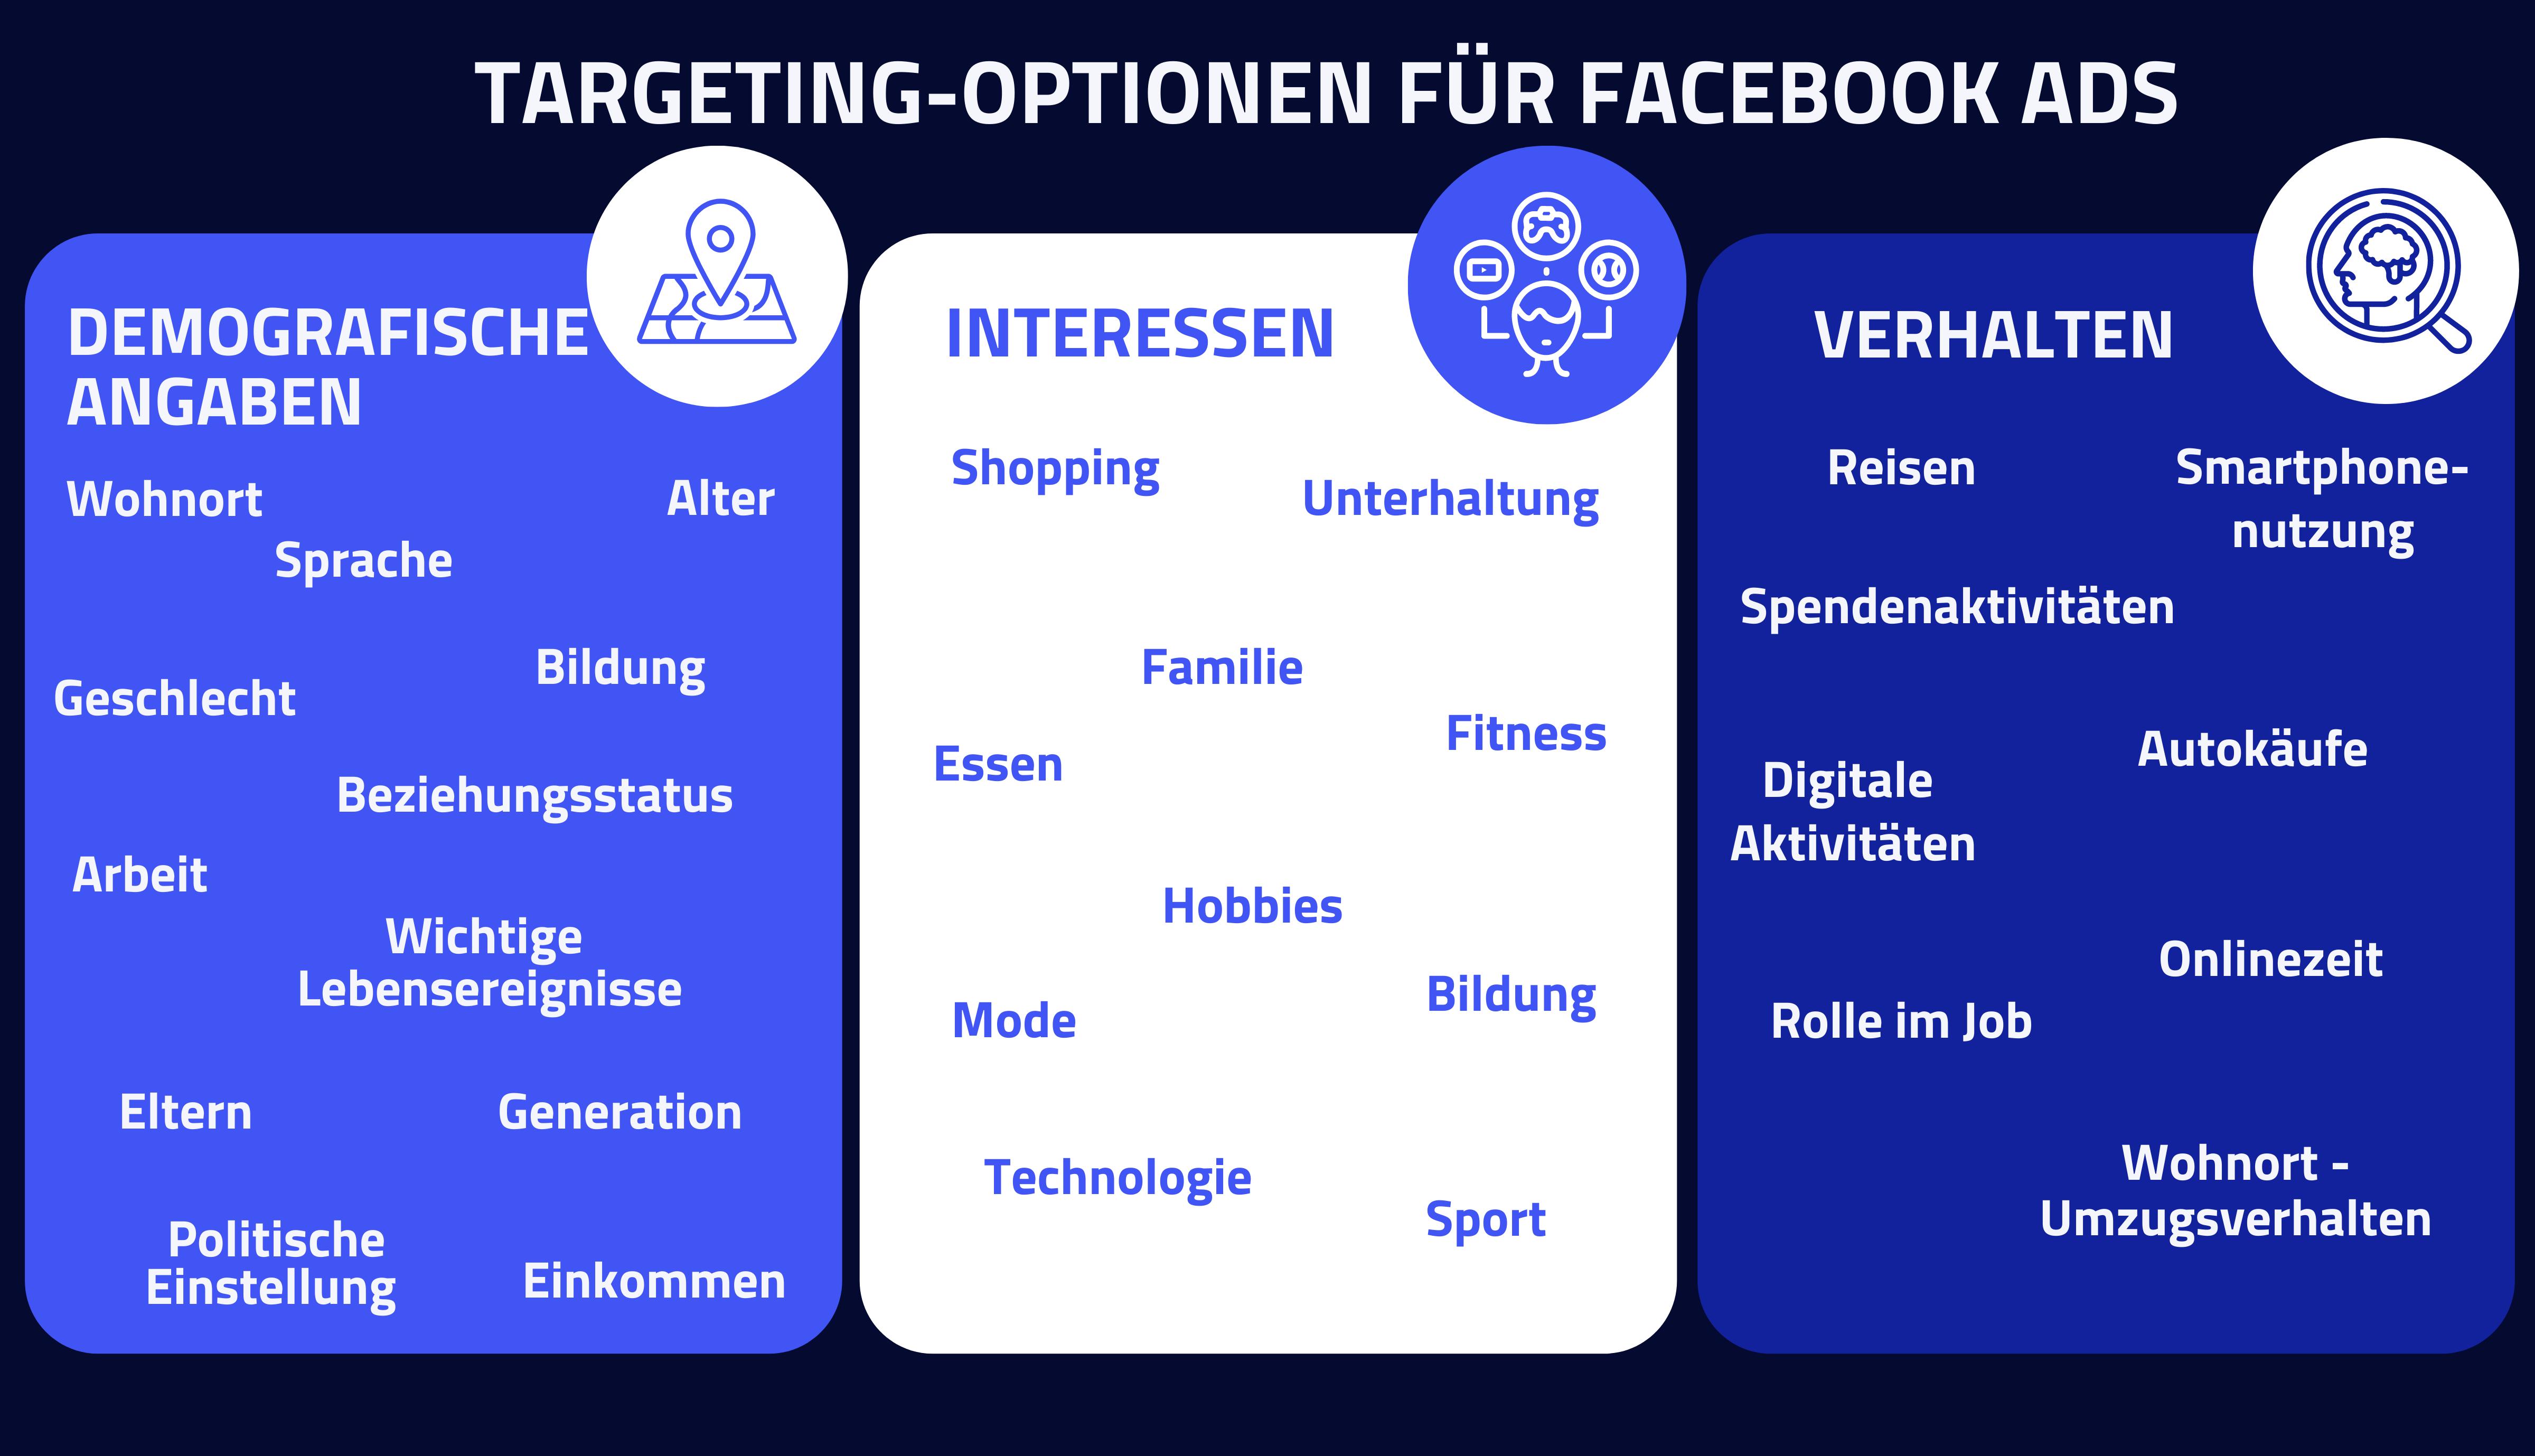 Targeting-Optionen für Facebook Ads: Demografische Angaben, Interessen, Verhalten